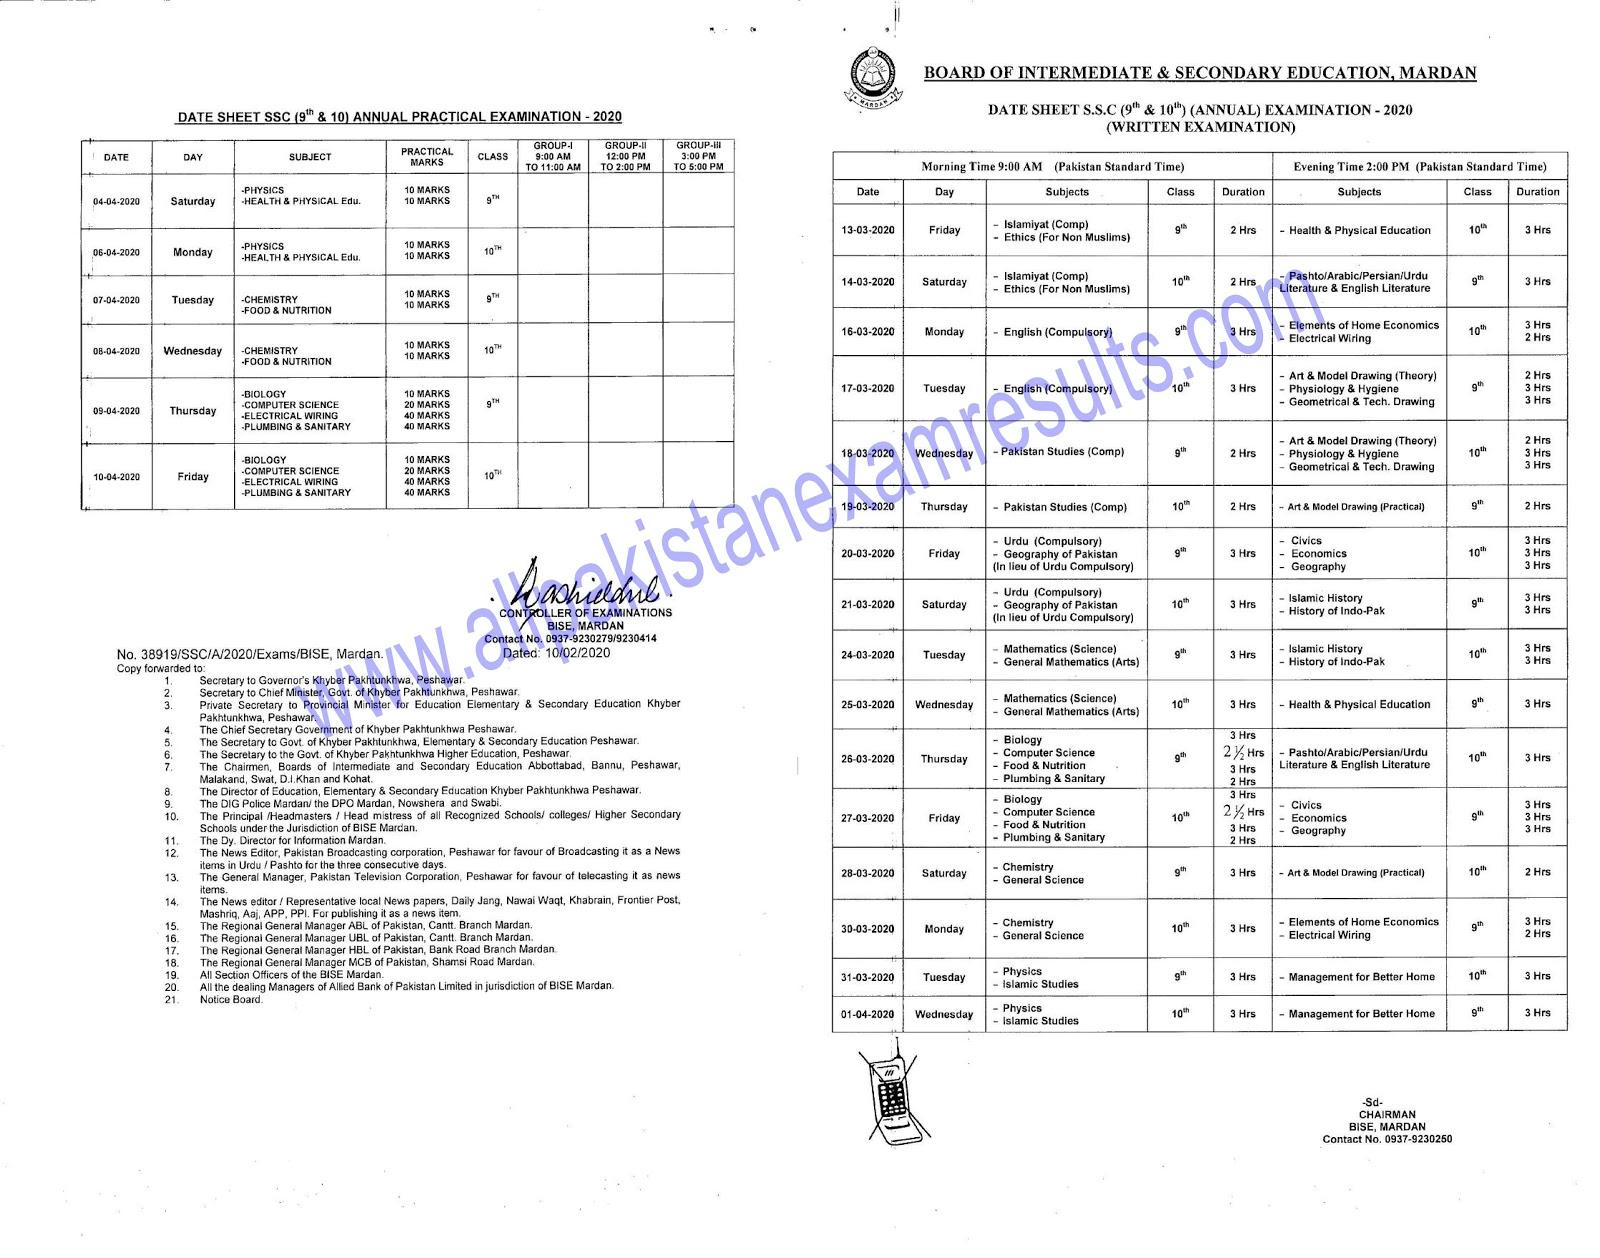 BISE Mardan 10th class Date Sheet 2020